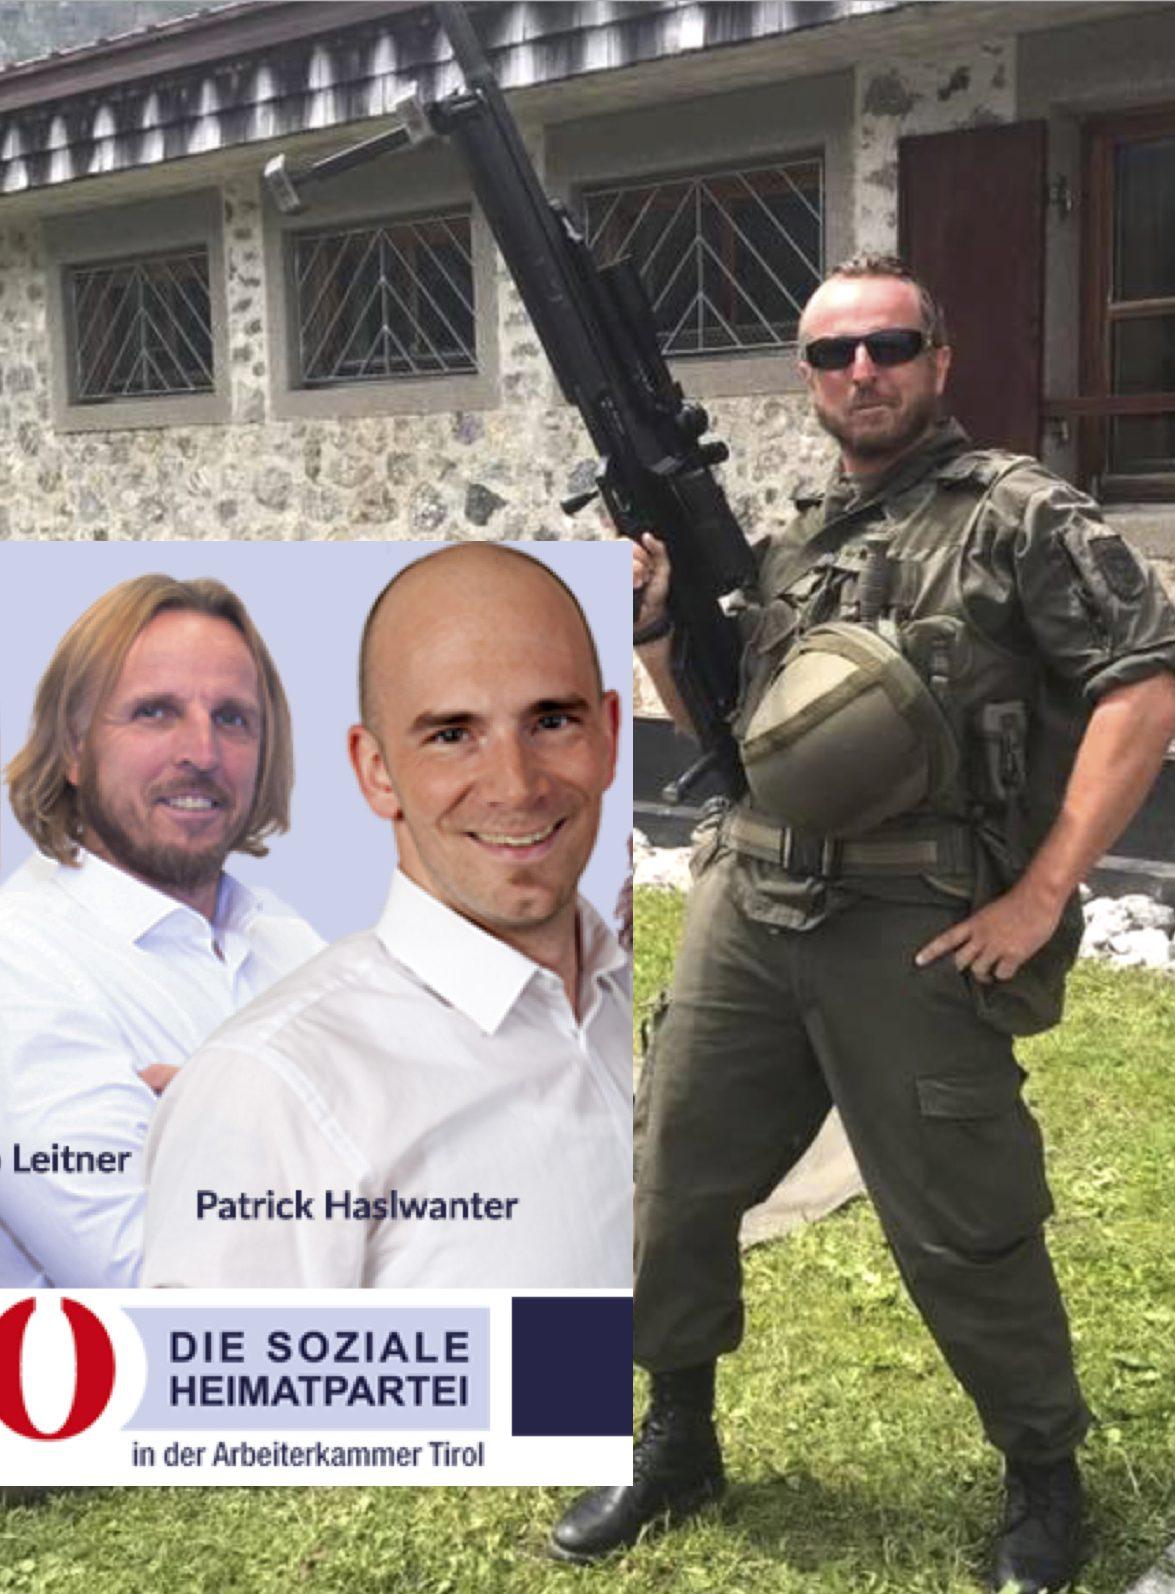 Leitner als Rambo und als Kandidat für die AK-Wahl 2019